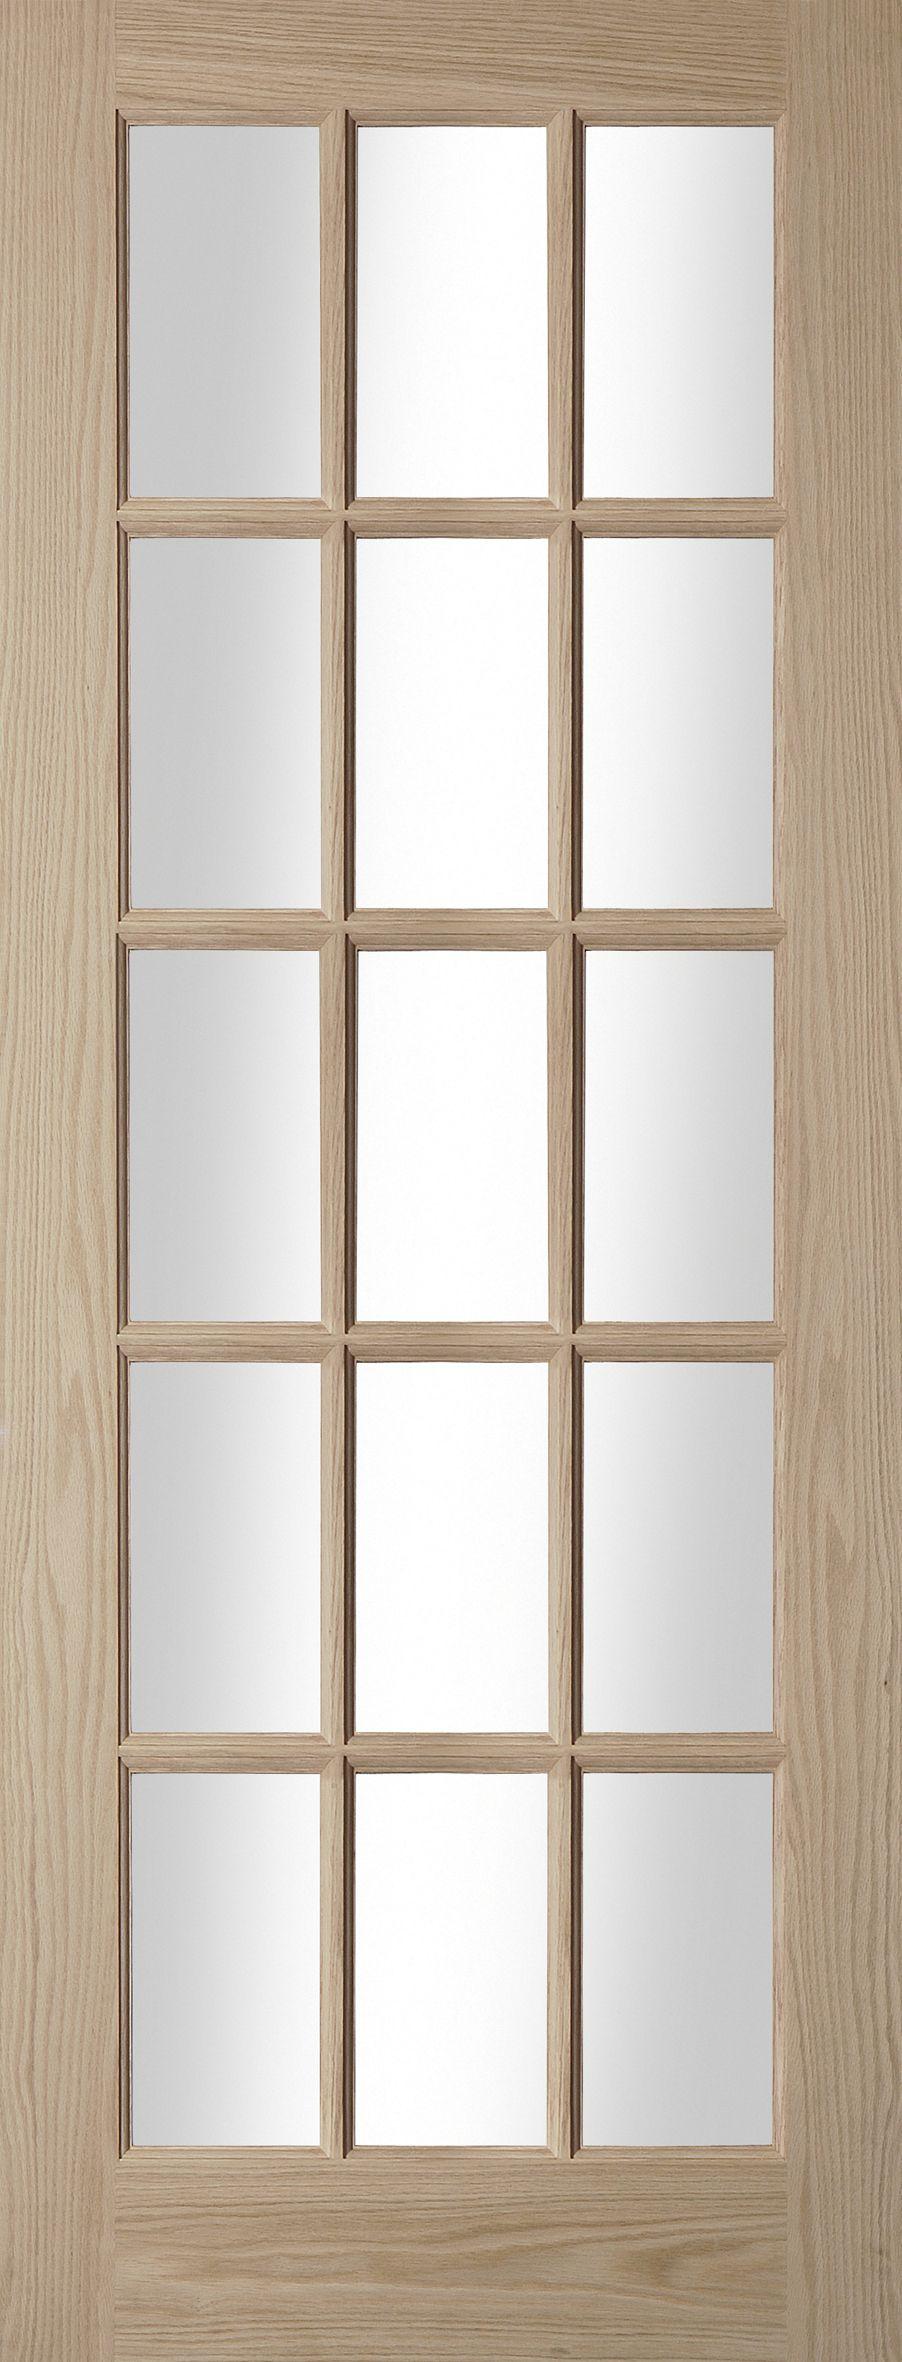 Fully glazed 15 lite oak veneer glazed internal standard for 15 light interior door white